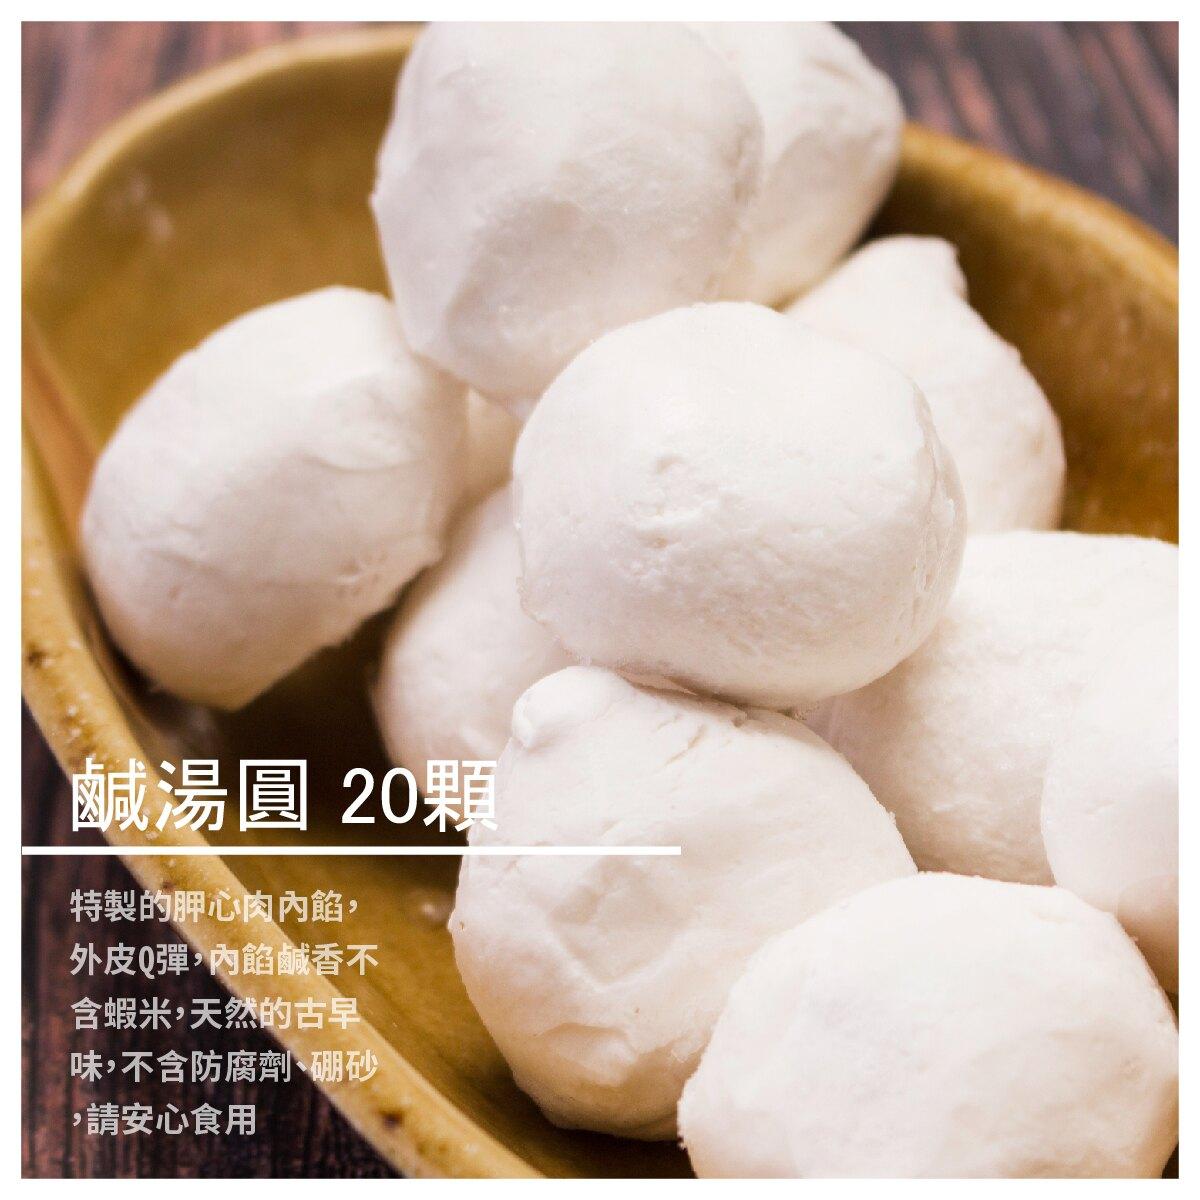 【清溪小吃部】鹹湯圓 20顆